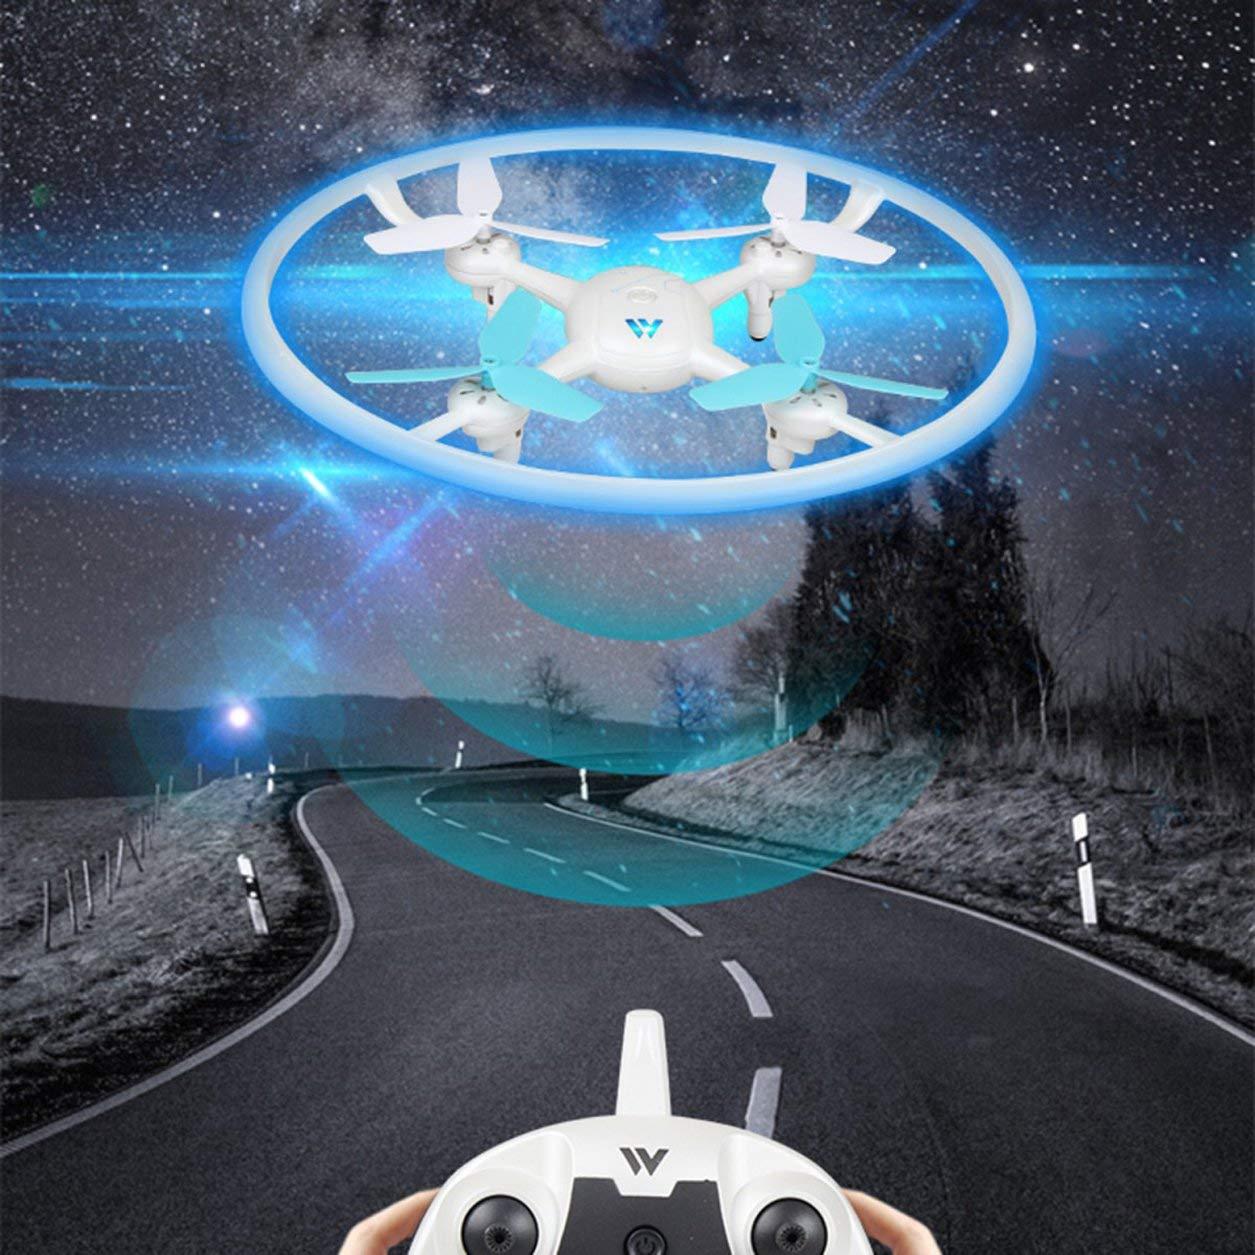 Dailyinshop ATTOP Mini RC Vier-Achsen-Drohne Quadrocopter HD Kamera Fixed High Hubschrauber (Farbe: blau)